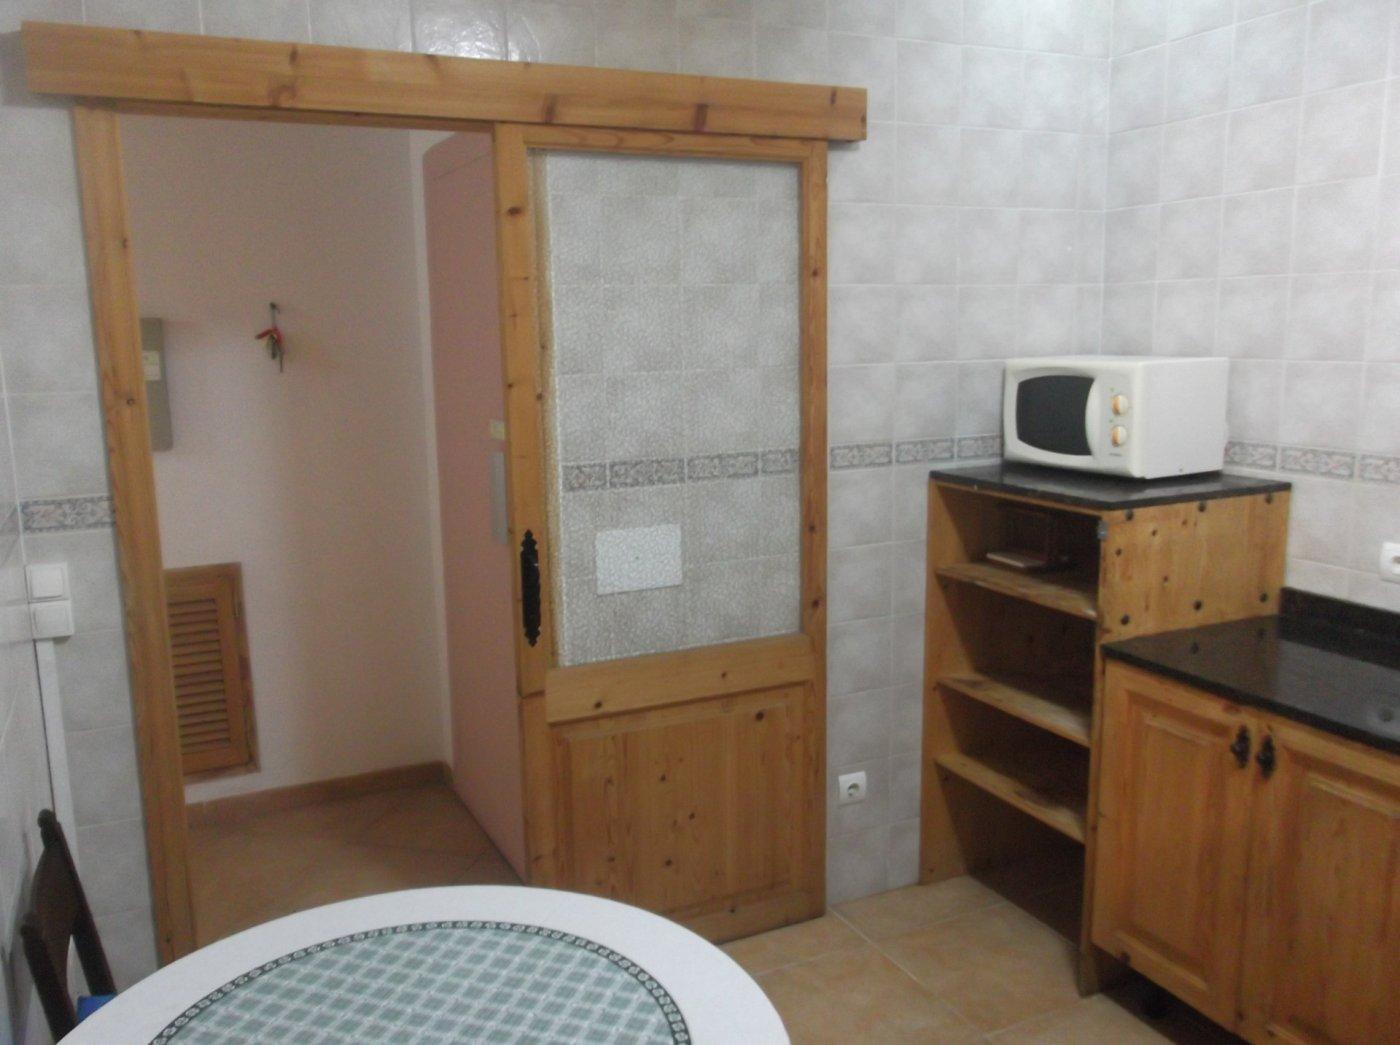 En venta casa de pueblo reformada 3 alturas estilo mallorquin centro llucmajor - imagenInmueble32